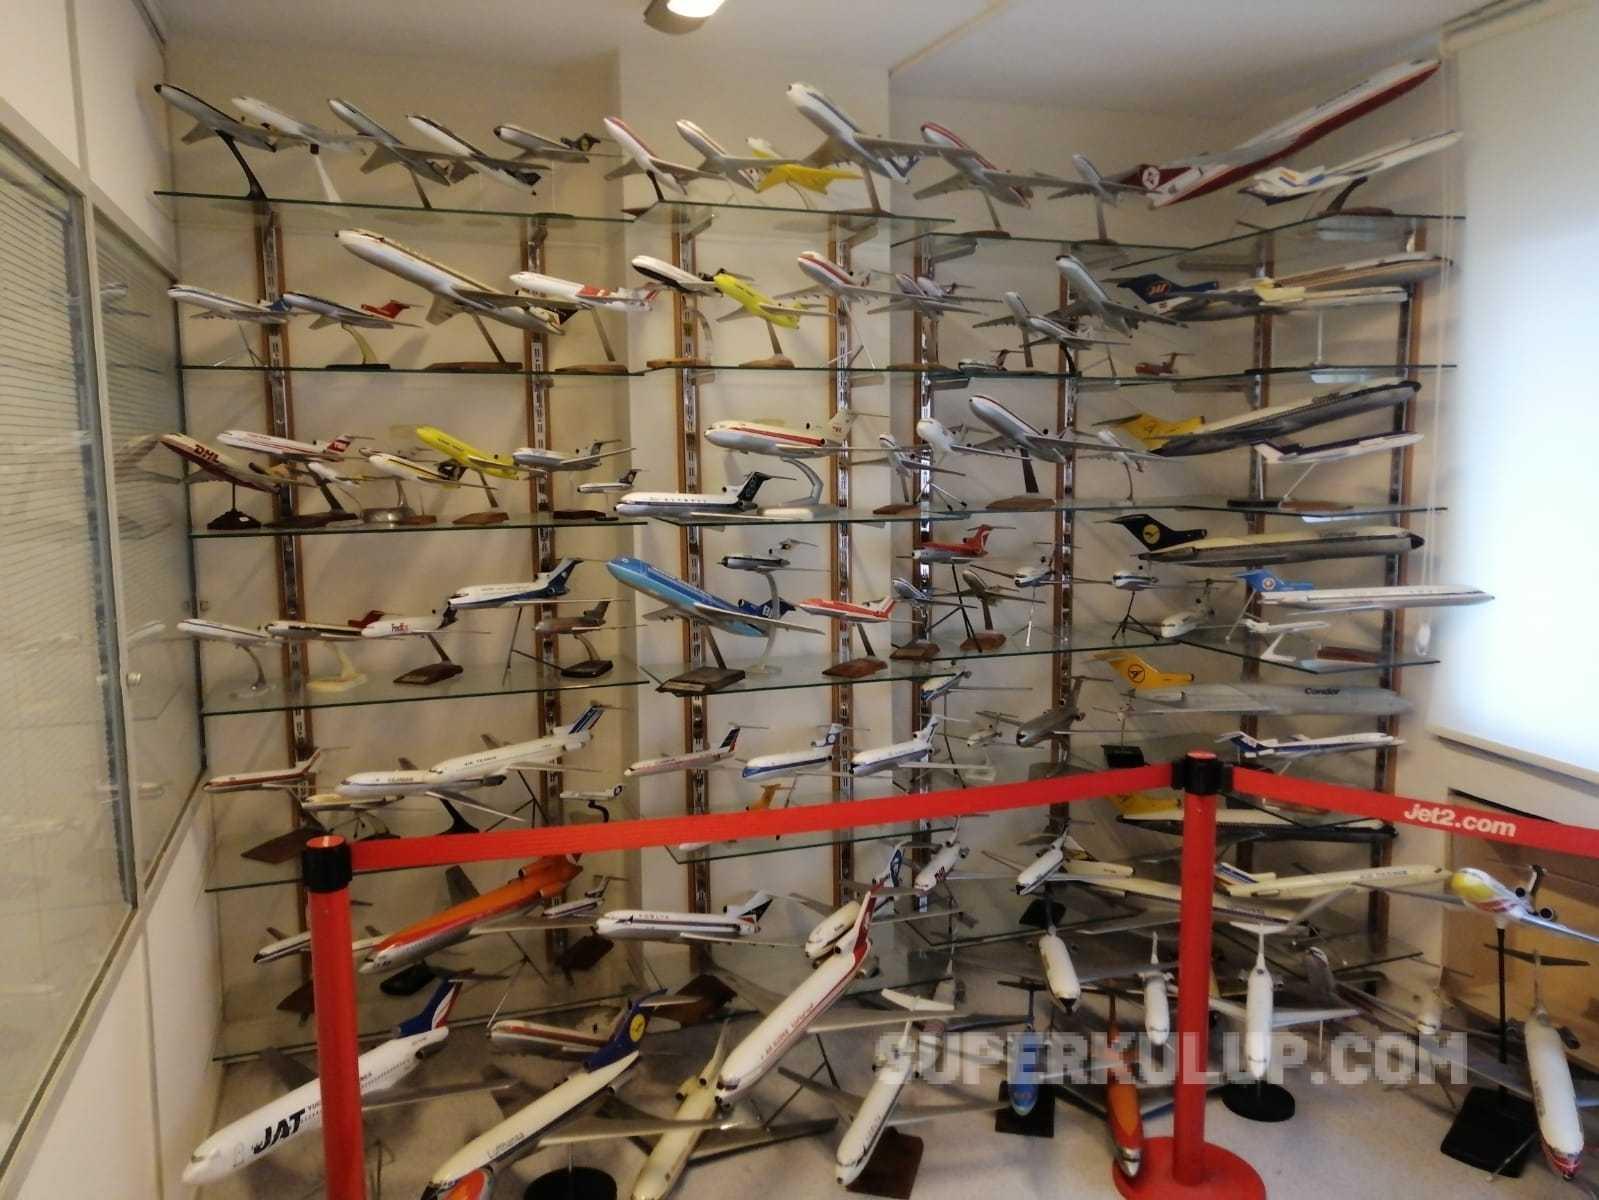 IMG 20210205 WA0065 - İşadamı Gökhan Sarıgöl'ün 2.5 milyon dolarlık maket uçağı var!